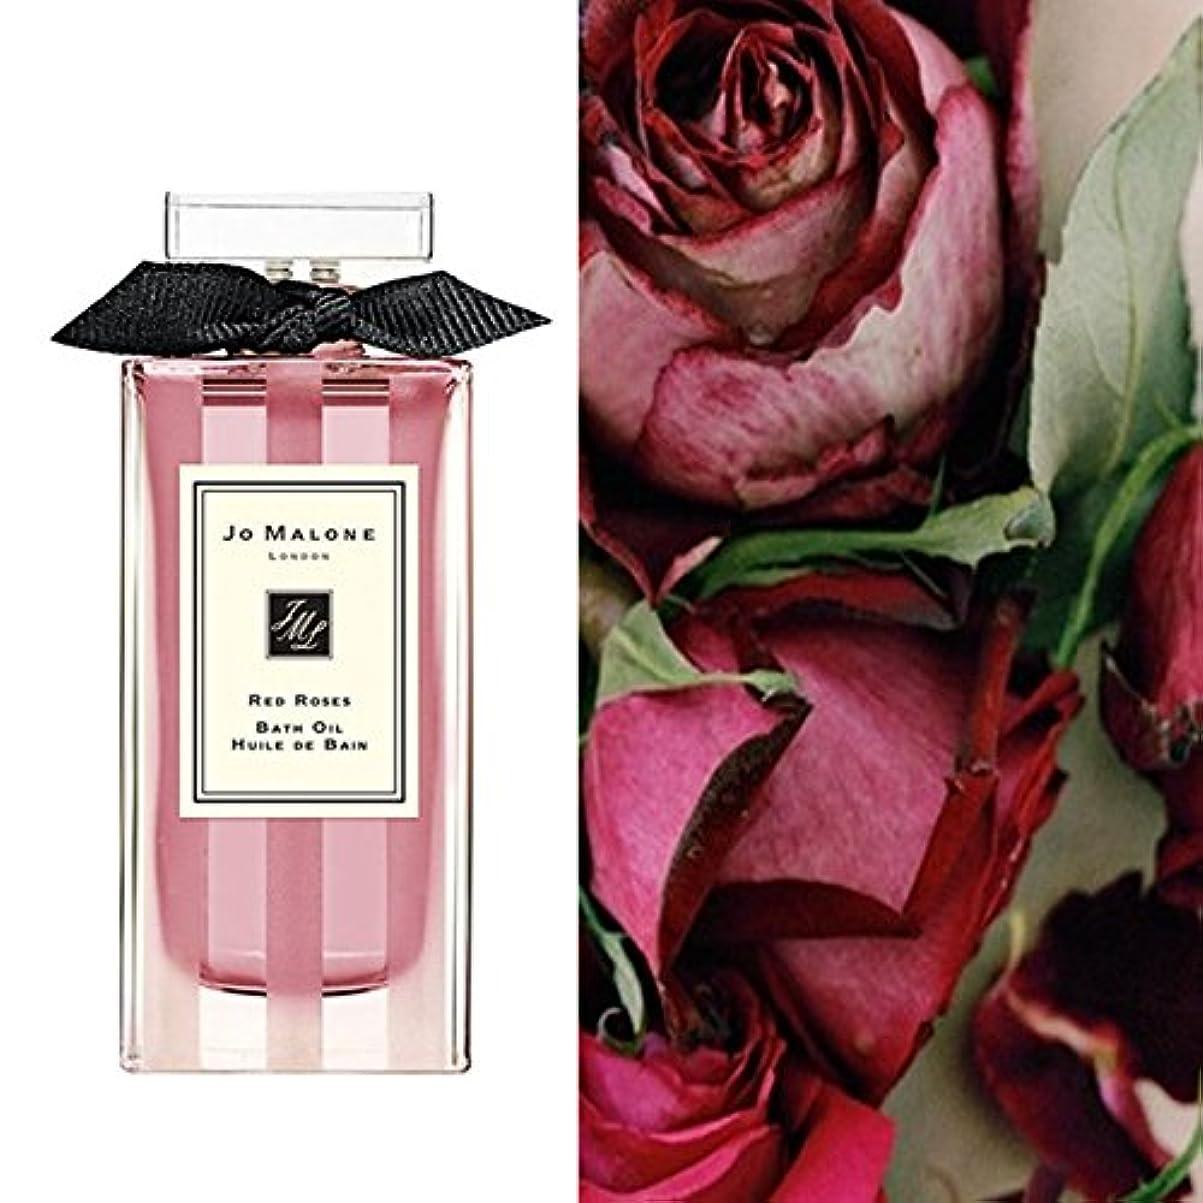 兵隊コックアレルギー性Jo Maloneジョーマローン, バスオイル - 赤いバラ (30ml) 'Red Roses' Bath Oil (1oz) [海外直送品] [並行輸入品]